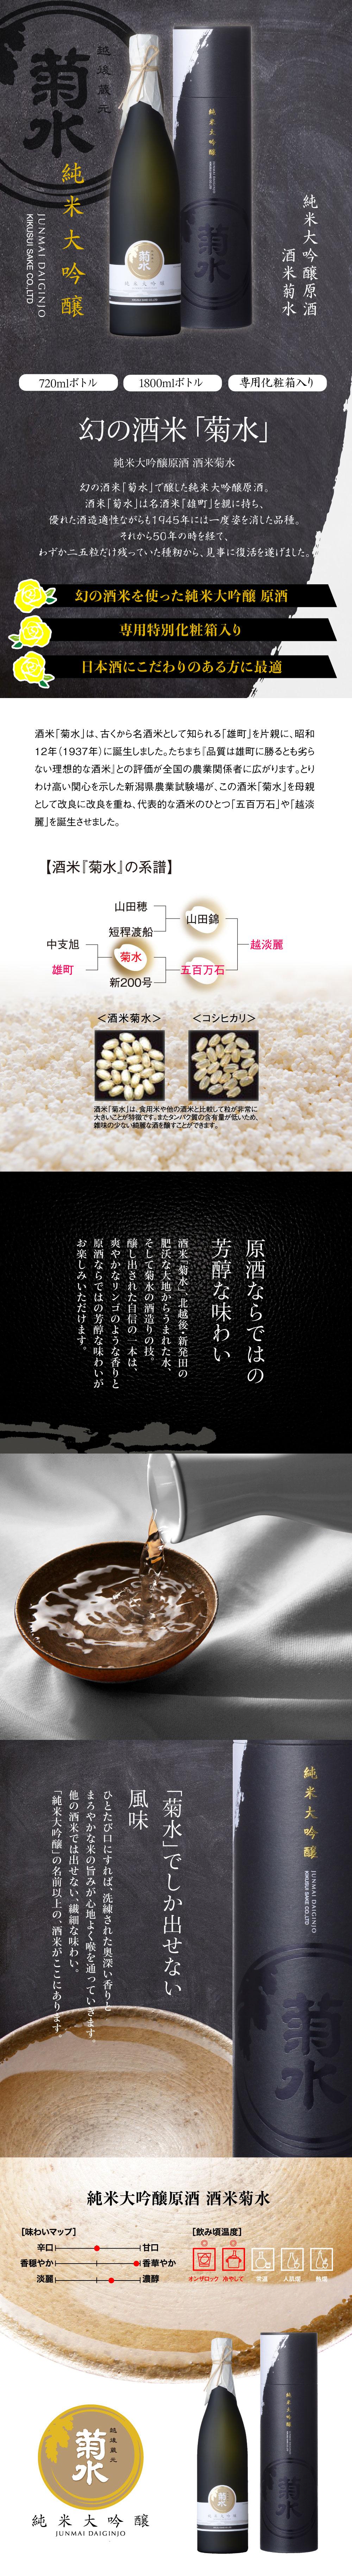 純米大吟醸 【原酒】 酒米菊水